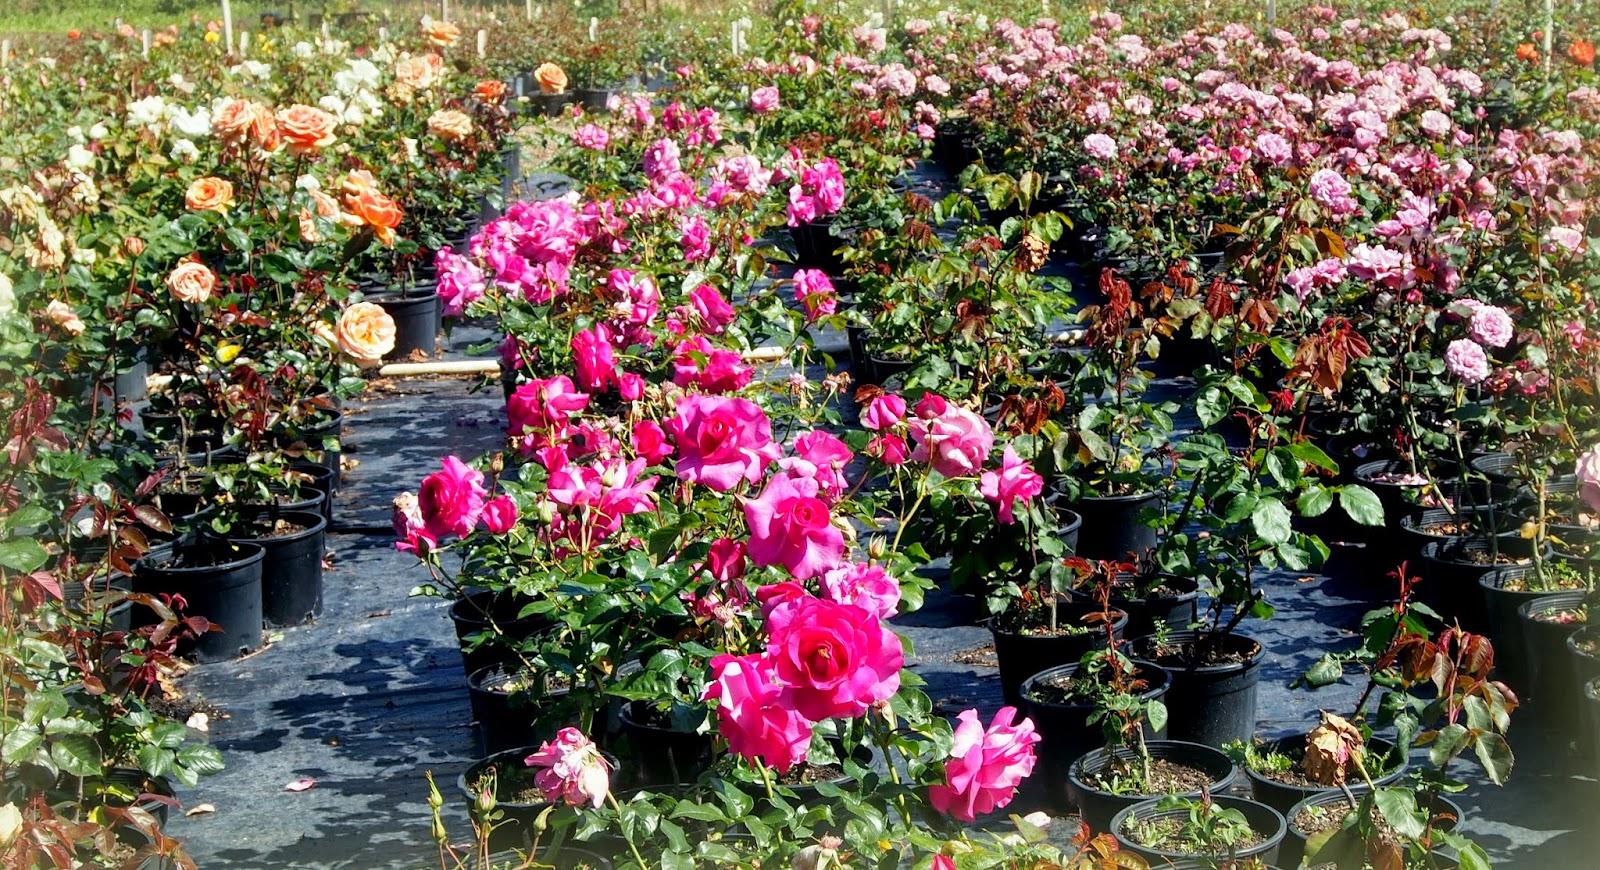 perth daily photo rose heritage cafe et 39 le jardin de rose 39. Black Bedroom Furniture Sets. Home Design Ideas